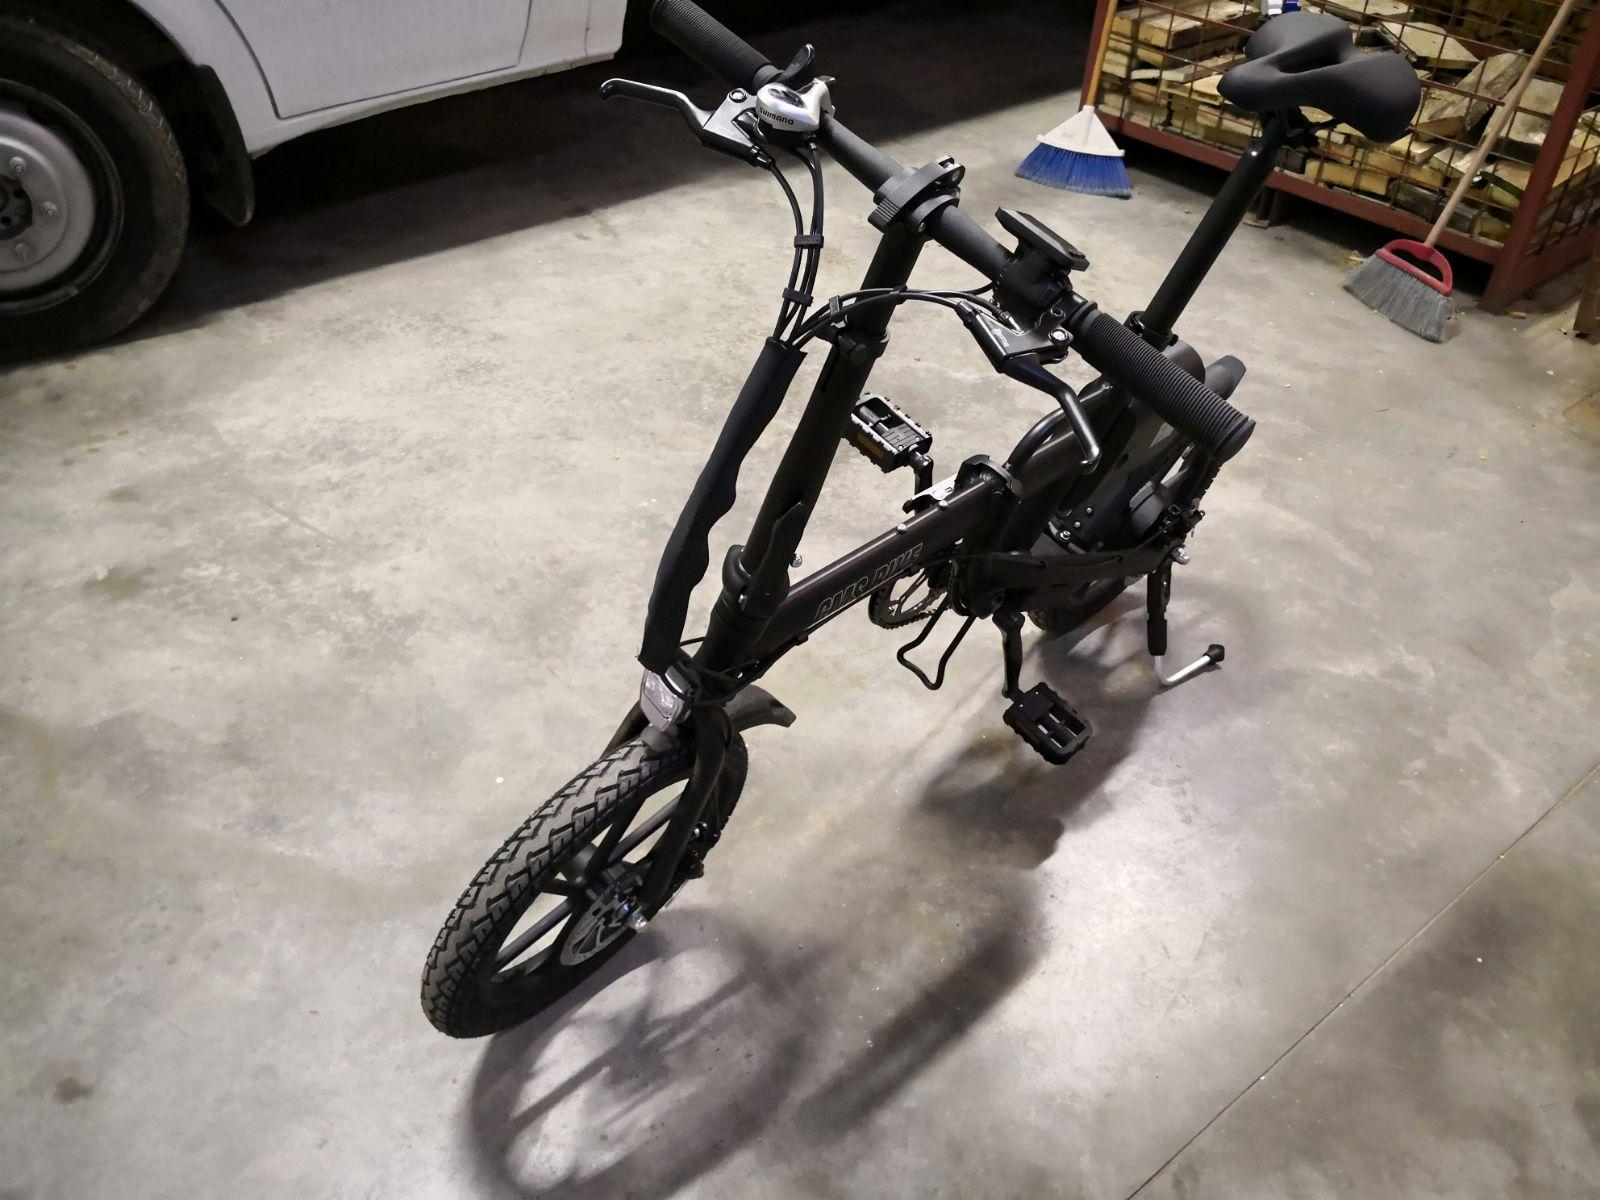 Vi Presento La Mia Bici Elettrica Pieghevole Cms F16 Bici